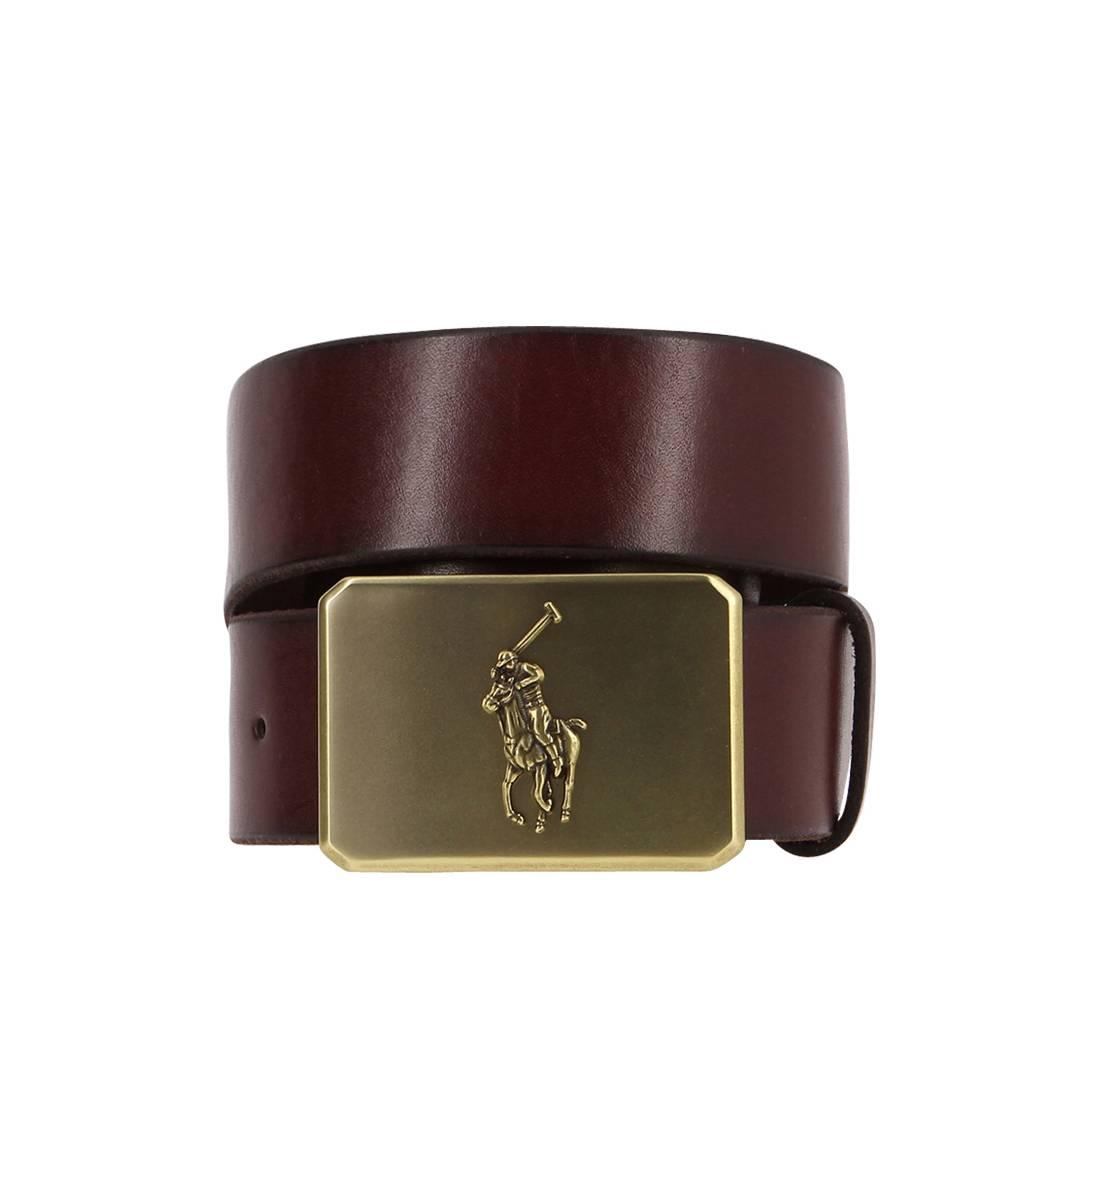 d3d847538bbab Nouveautés et marques les plus vendues ceinture ralph lauren homme ...